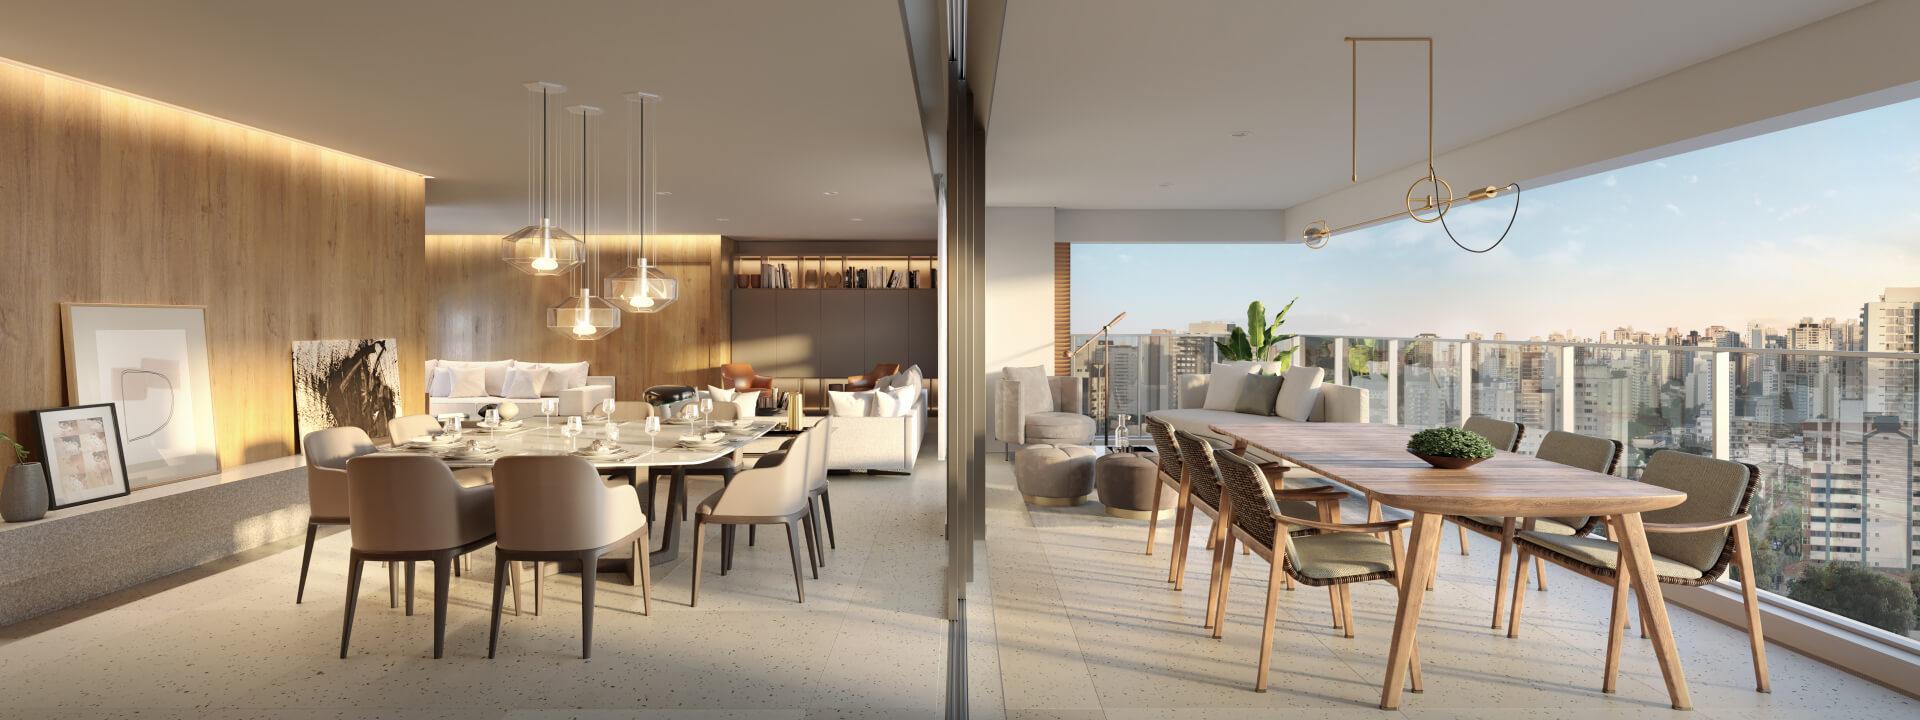 LIVING do apto de 200 m² com ampla área social integrada ao terraço, o piso nivelado entre os ambientes possibilita que a conexão seja fluida e sutil. O terraço com guarda-corpo em vidro permite uma vista 180° da cidade.